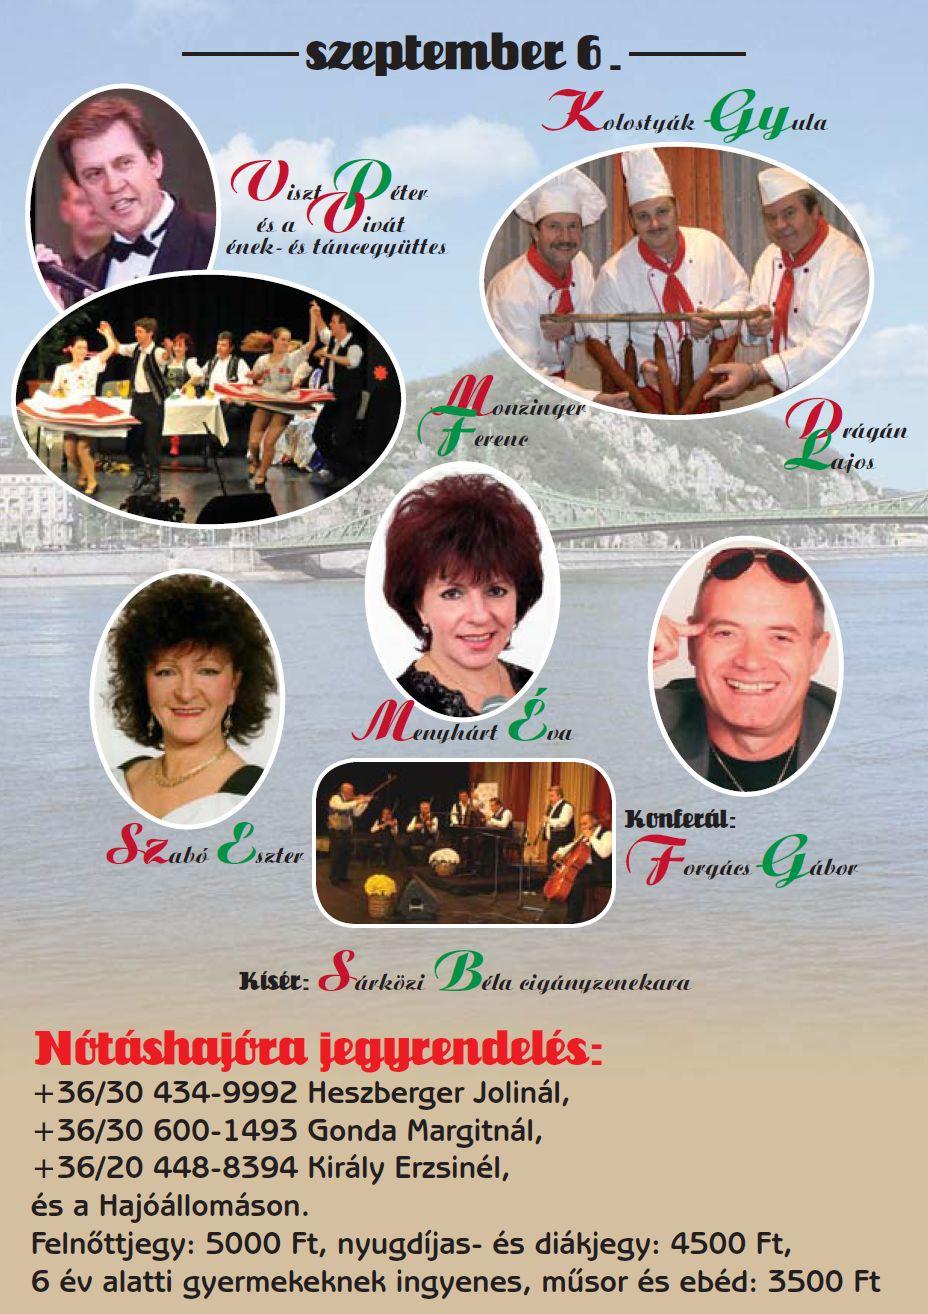 http://pctrs.network.hu/clubpicture/1/9/3/2/_/notas_setahajho_szeptember_6_1932686_8506.jpg